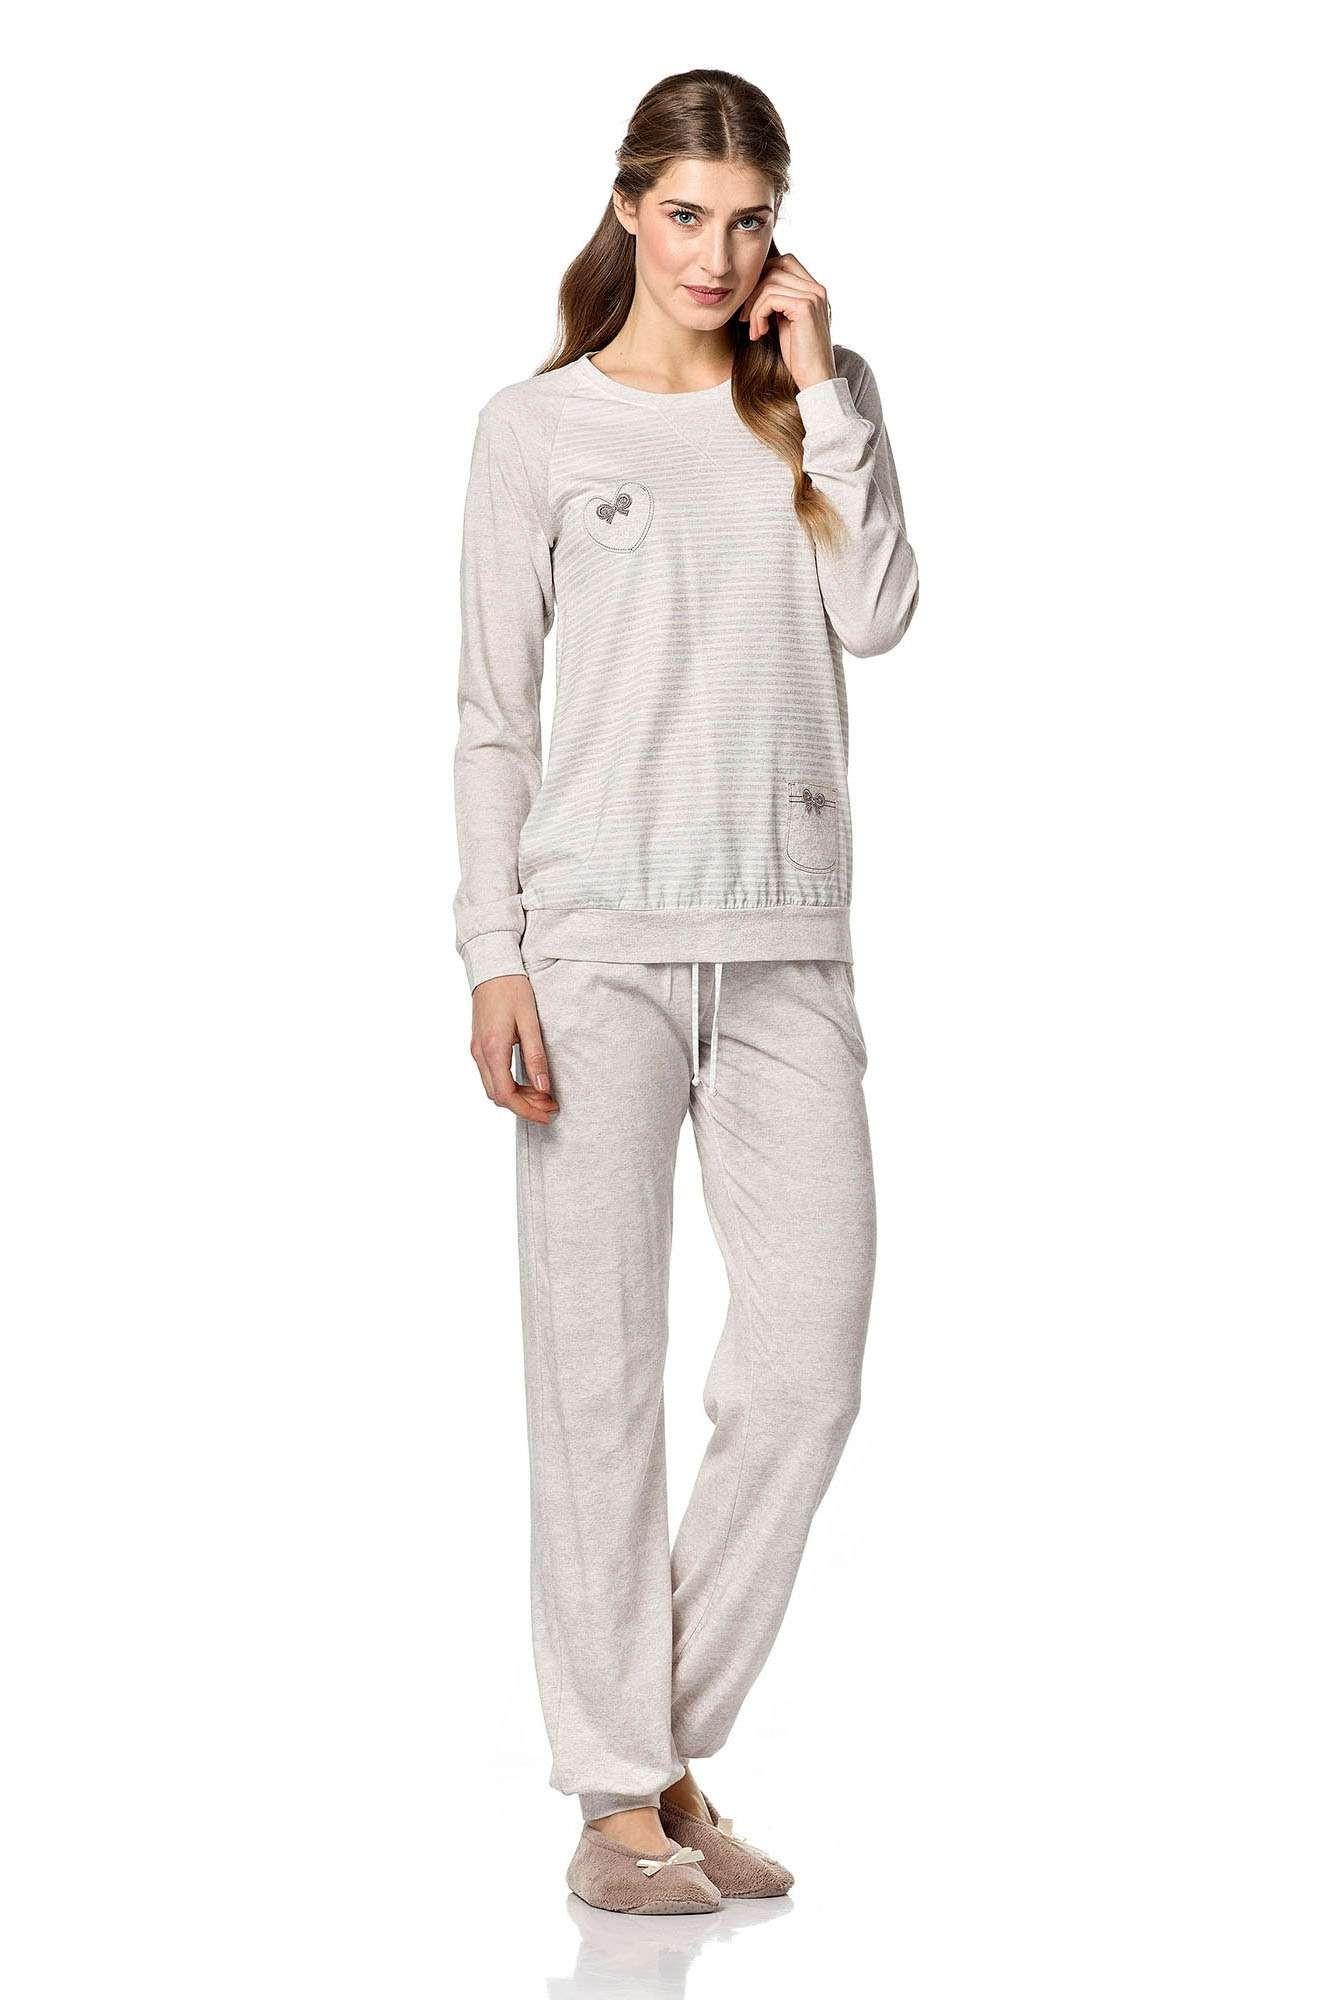 Dámské pyžamo 4743 - Vamp Barva: béžová, Velikost: L